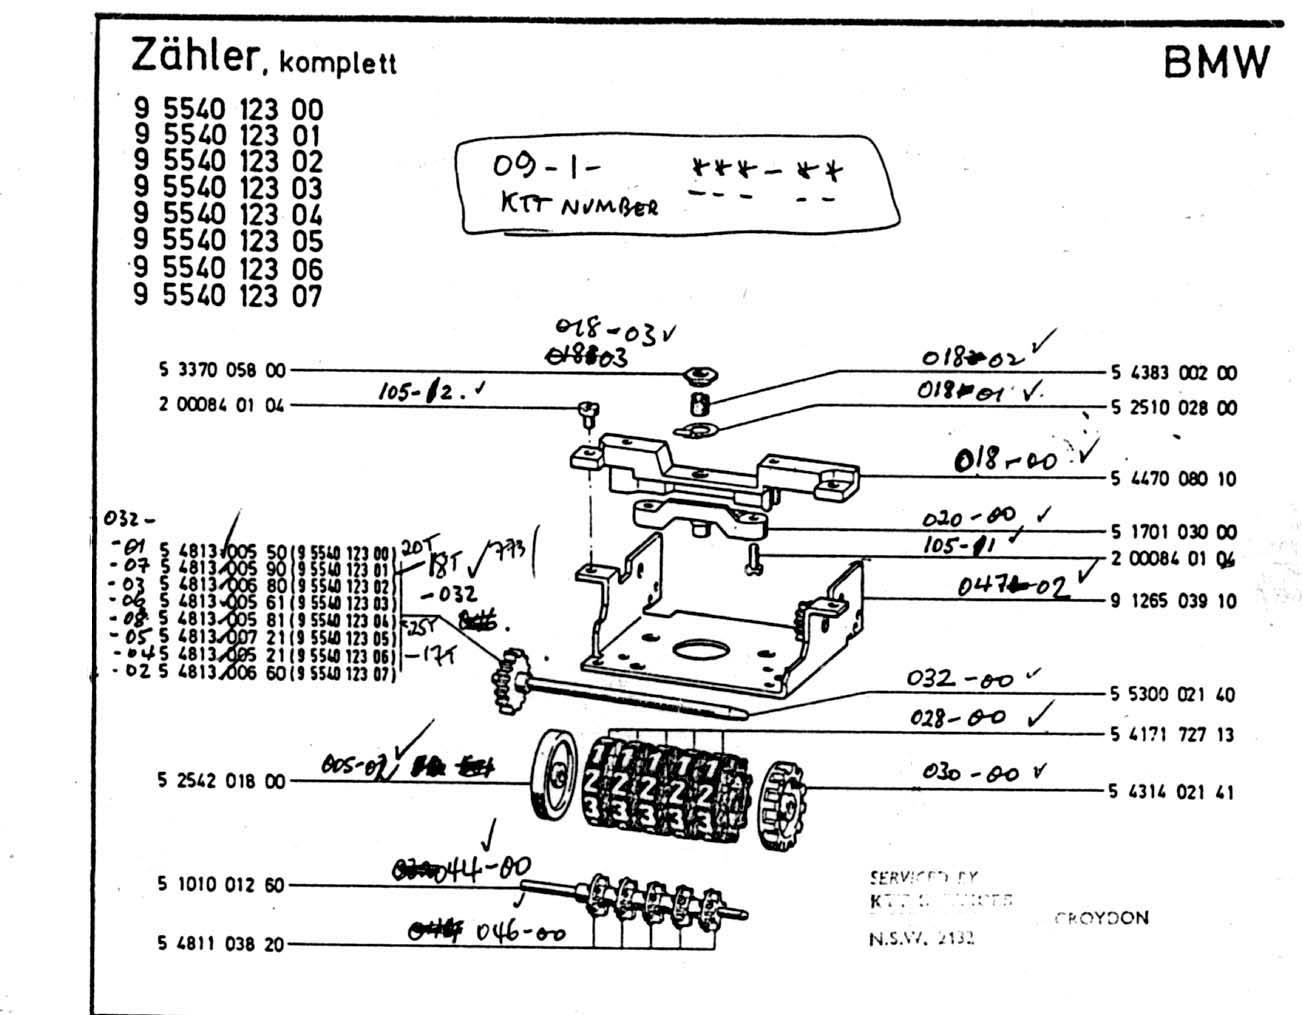 Groovy 1980 Gs Wiring Diagram Wiring Library Wiring Cloud Hemtshollocom